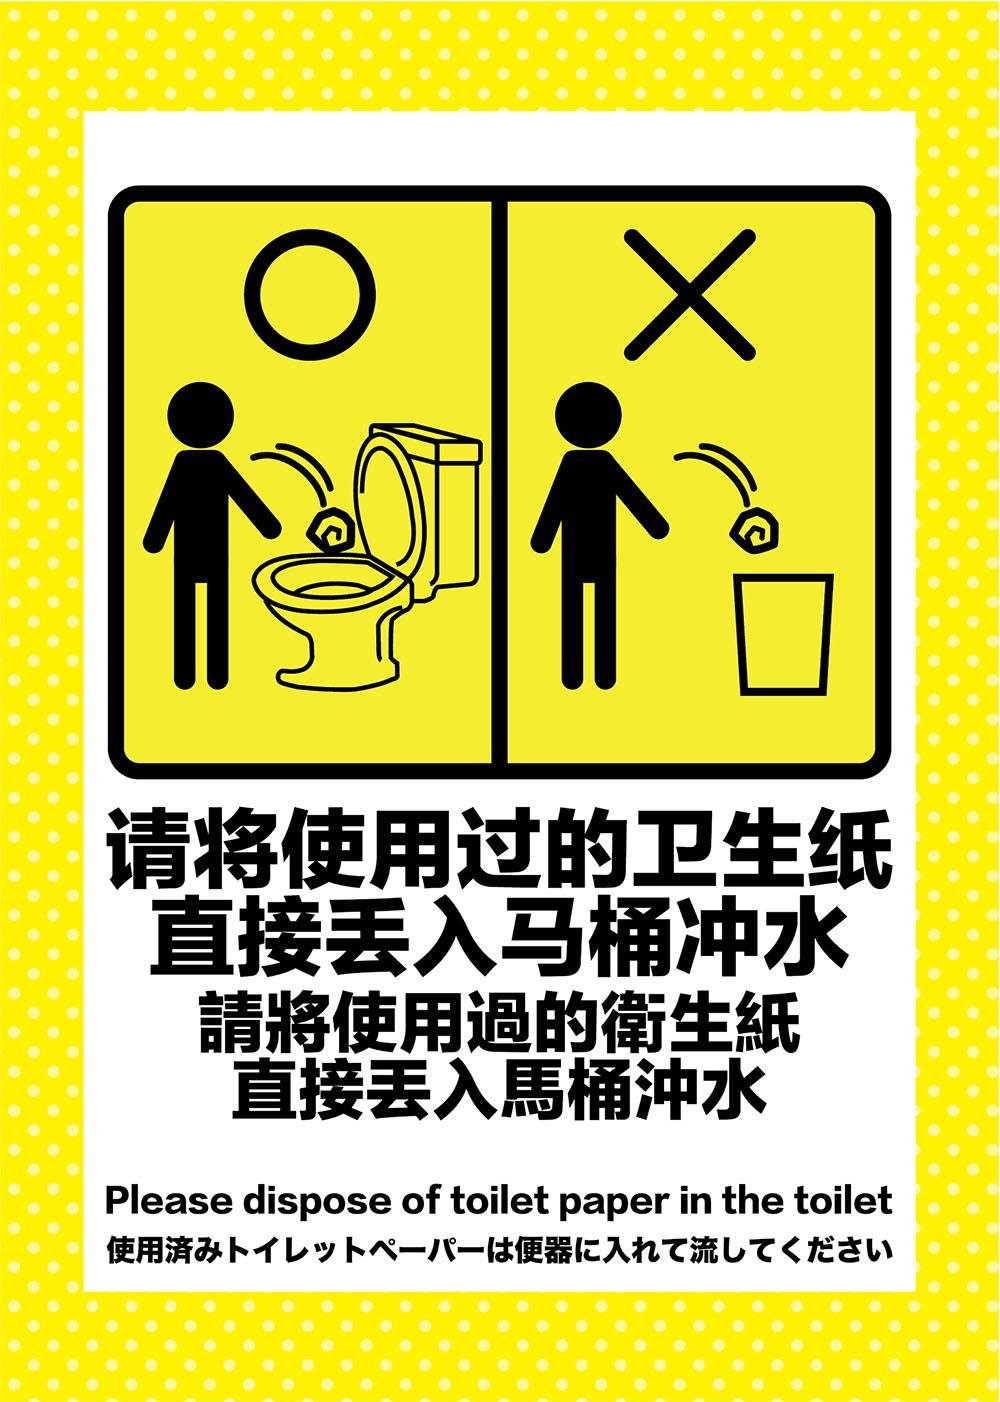 请保持卫生整洁